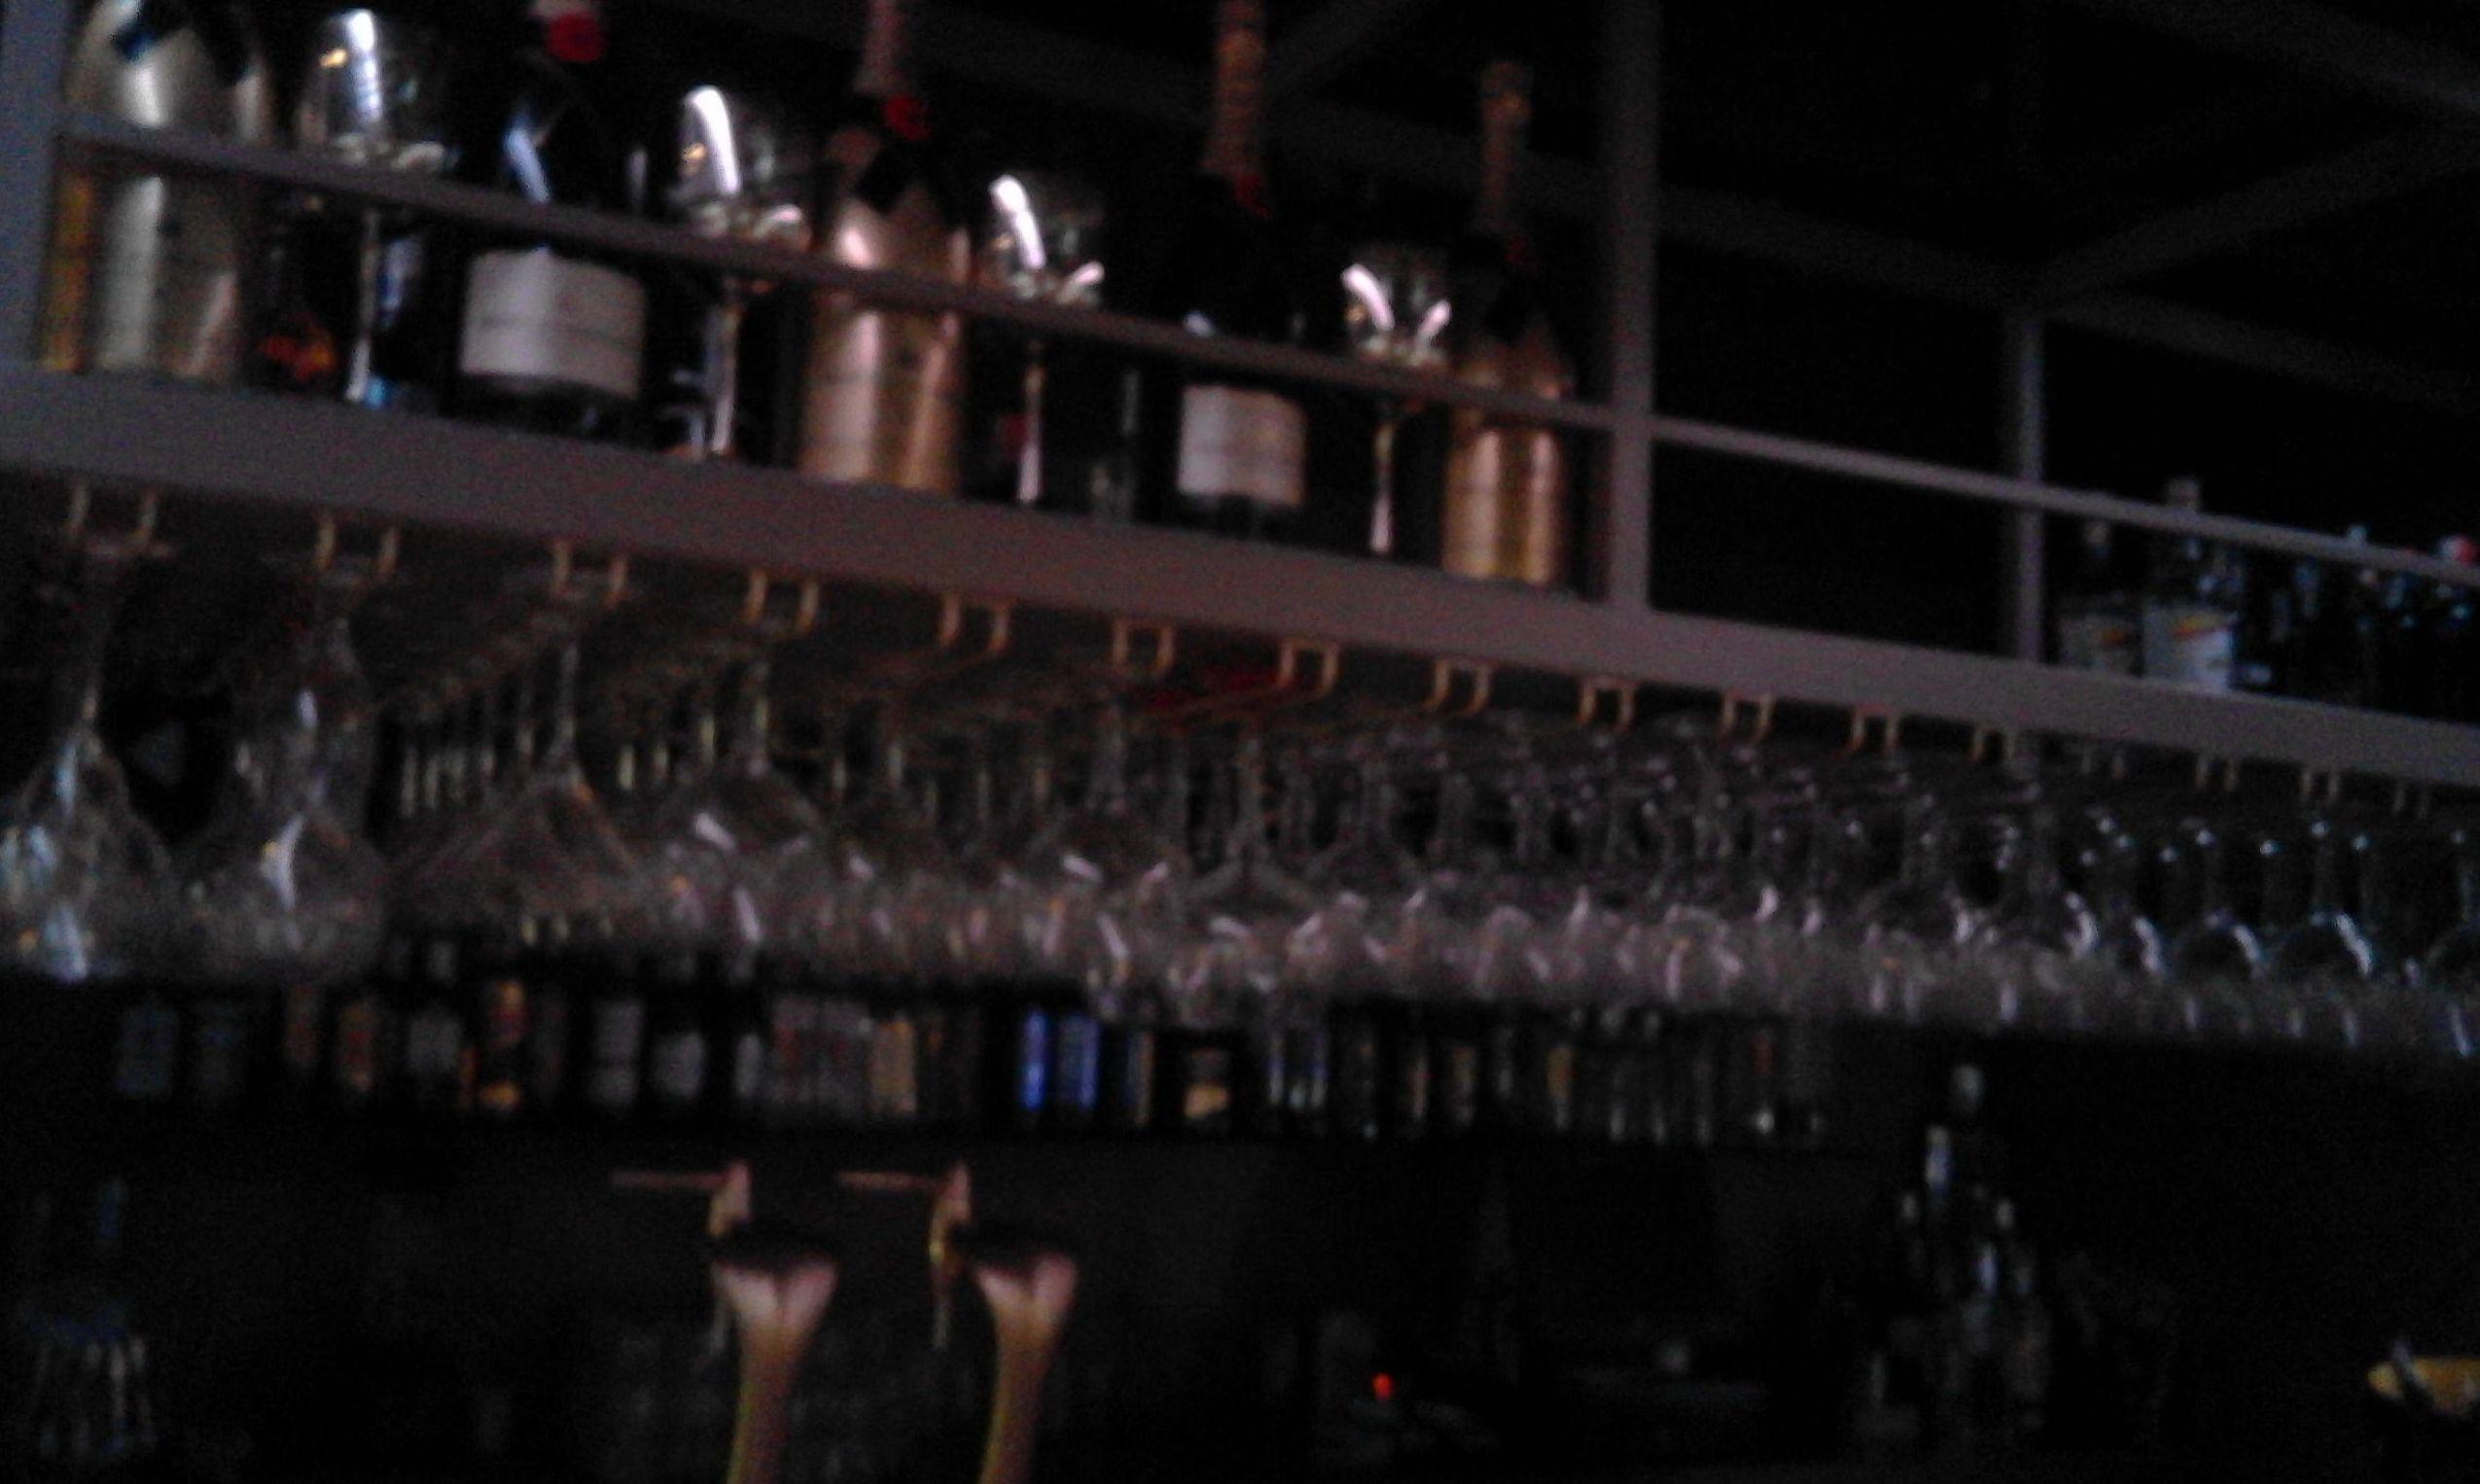 Botellero en sala Condado (Denia)